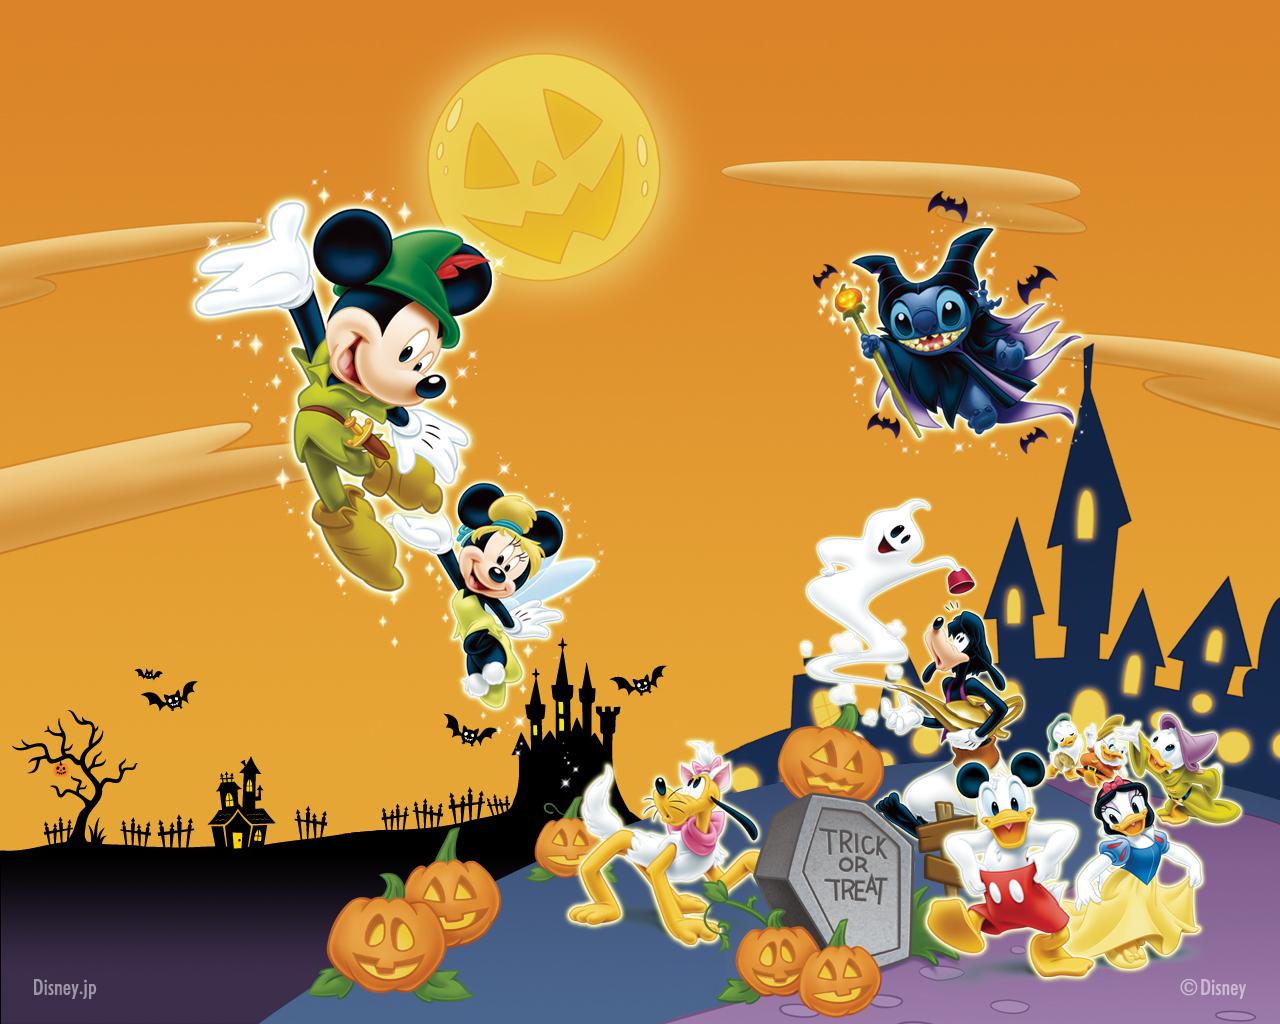 Happy Halloween 2012 wallpaper for Disney's fan ...